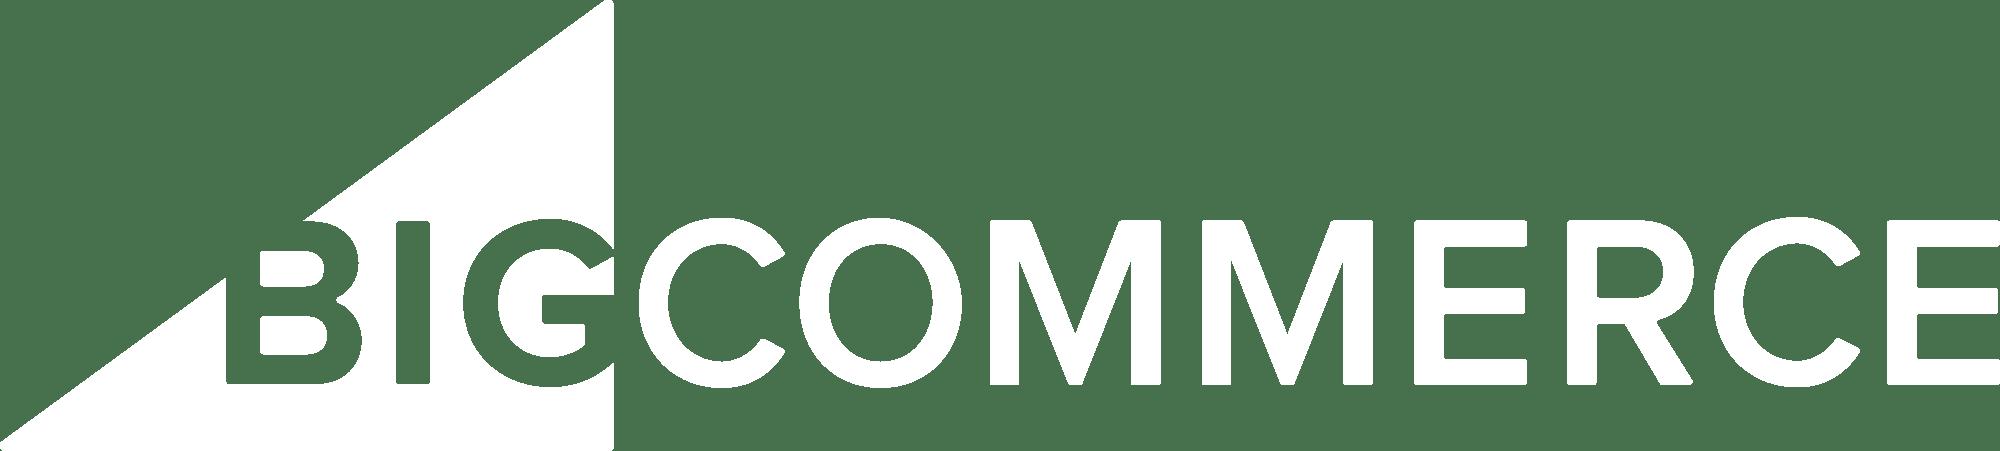 en_logo_bigcommerce_white